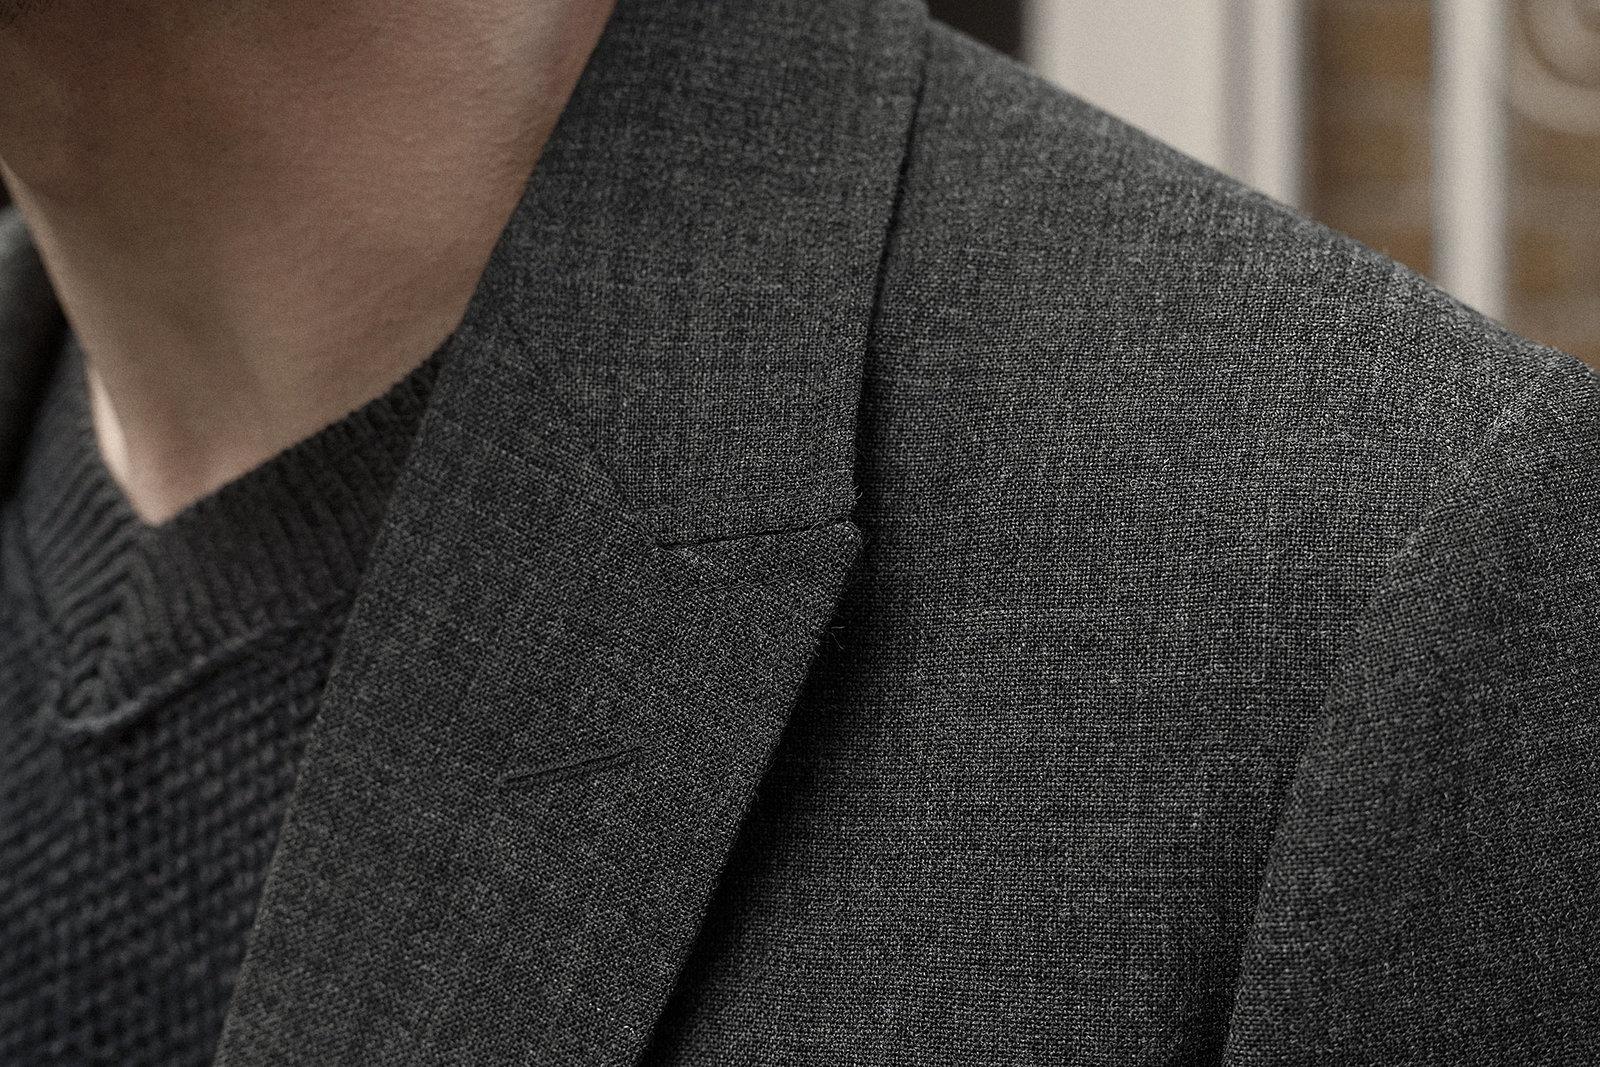 sb3-jacket-worsted-grey-worn-2@2x.jpg